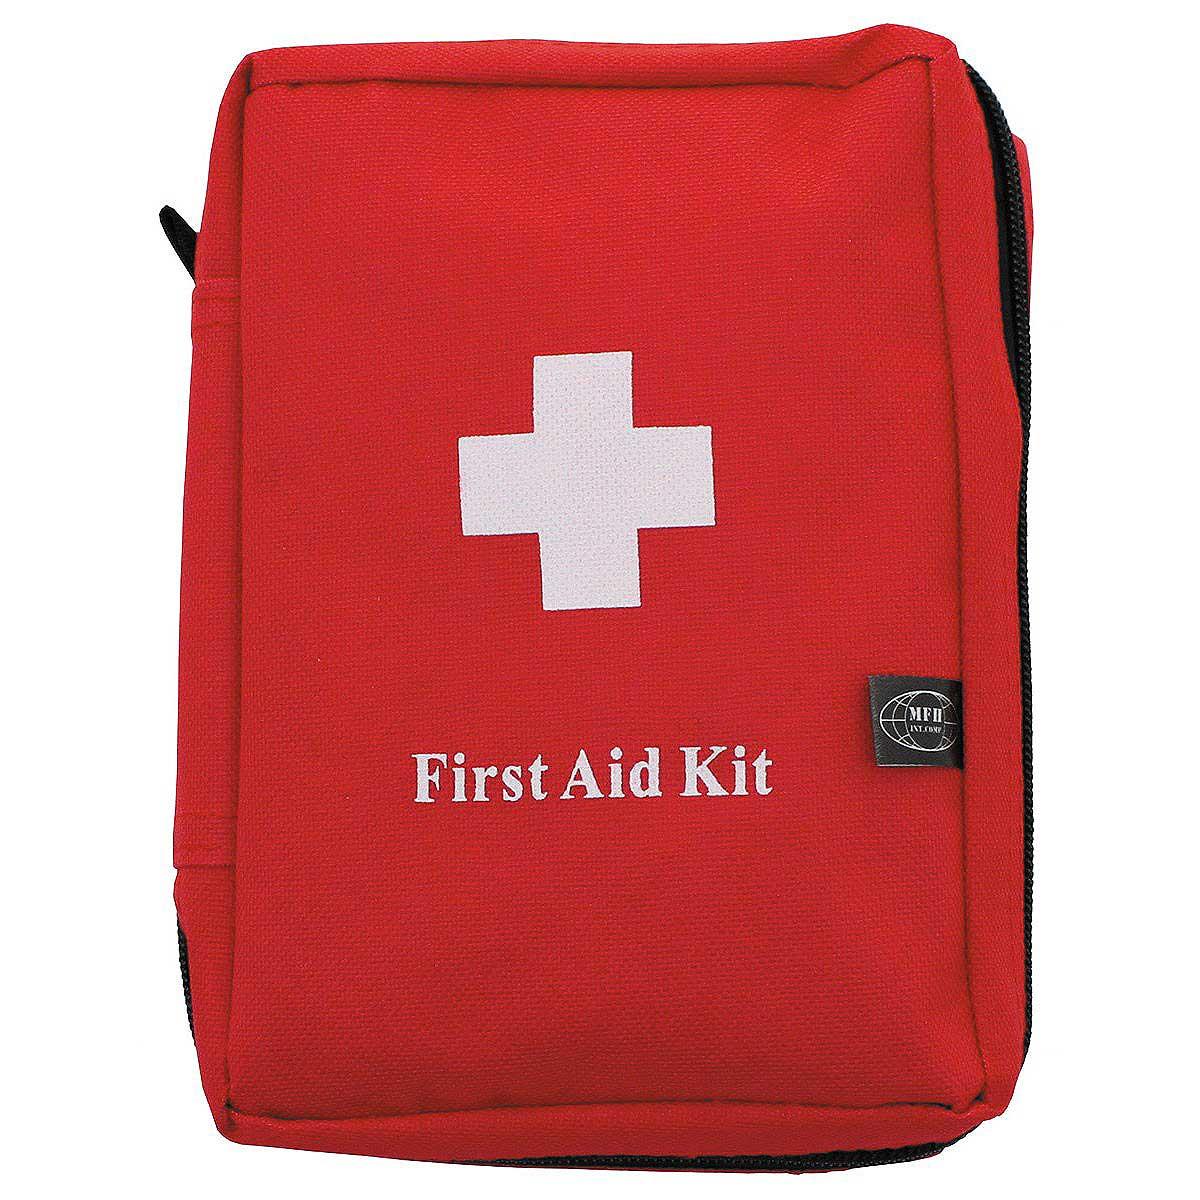 Rettungsdecken und Erste-Hilfe-Pakete bei bw-discount.de